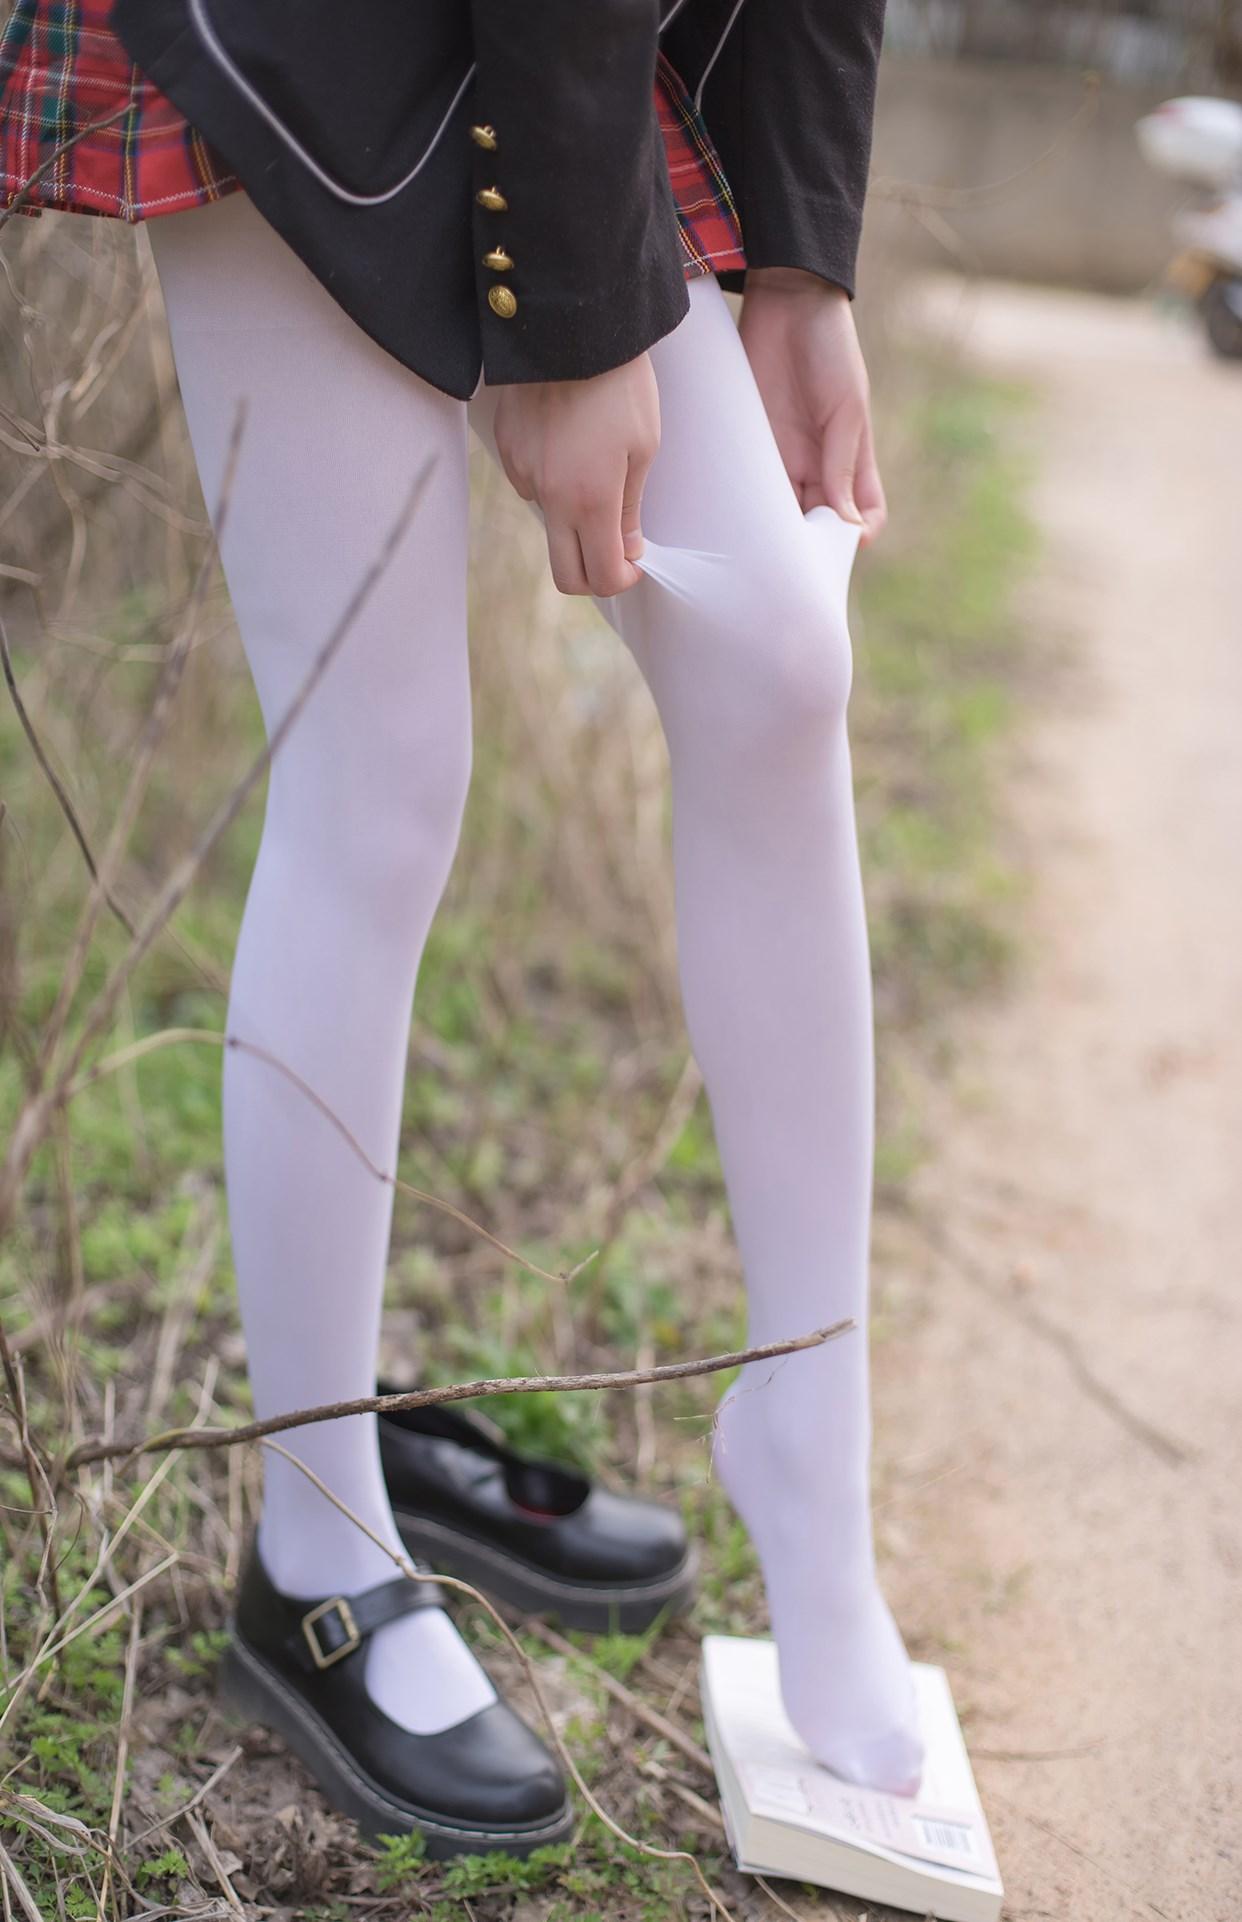 【兔玩映画】白丝萝莉腿竟然这么长! 兔玩映画 第28张